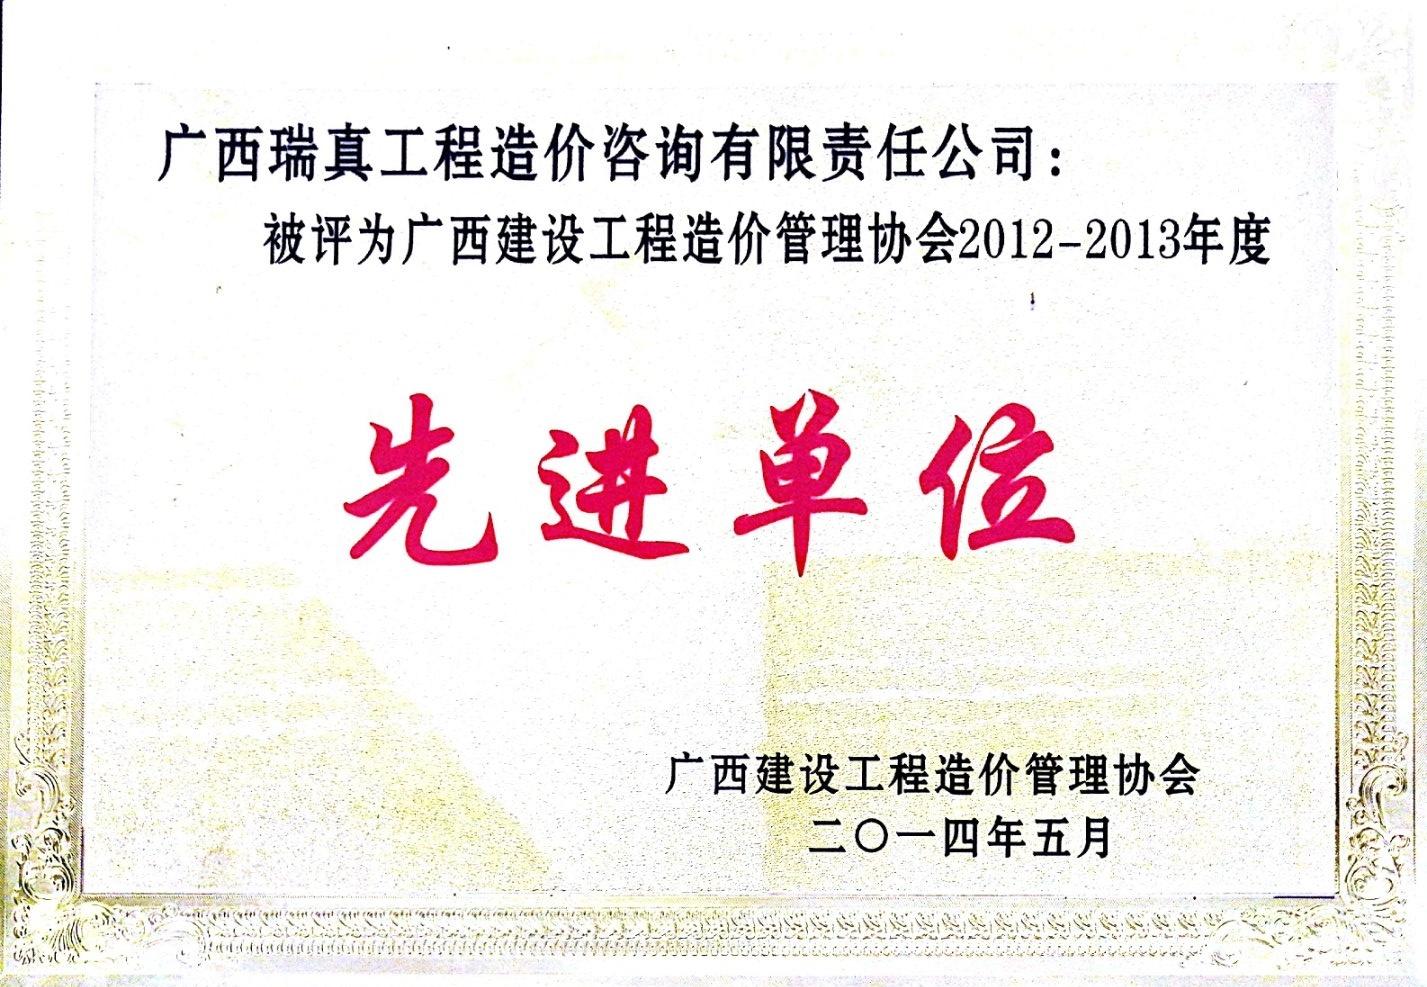 2012-2013年度先进